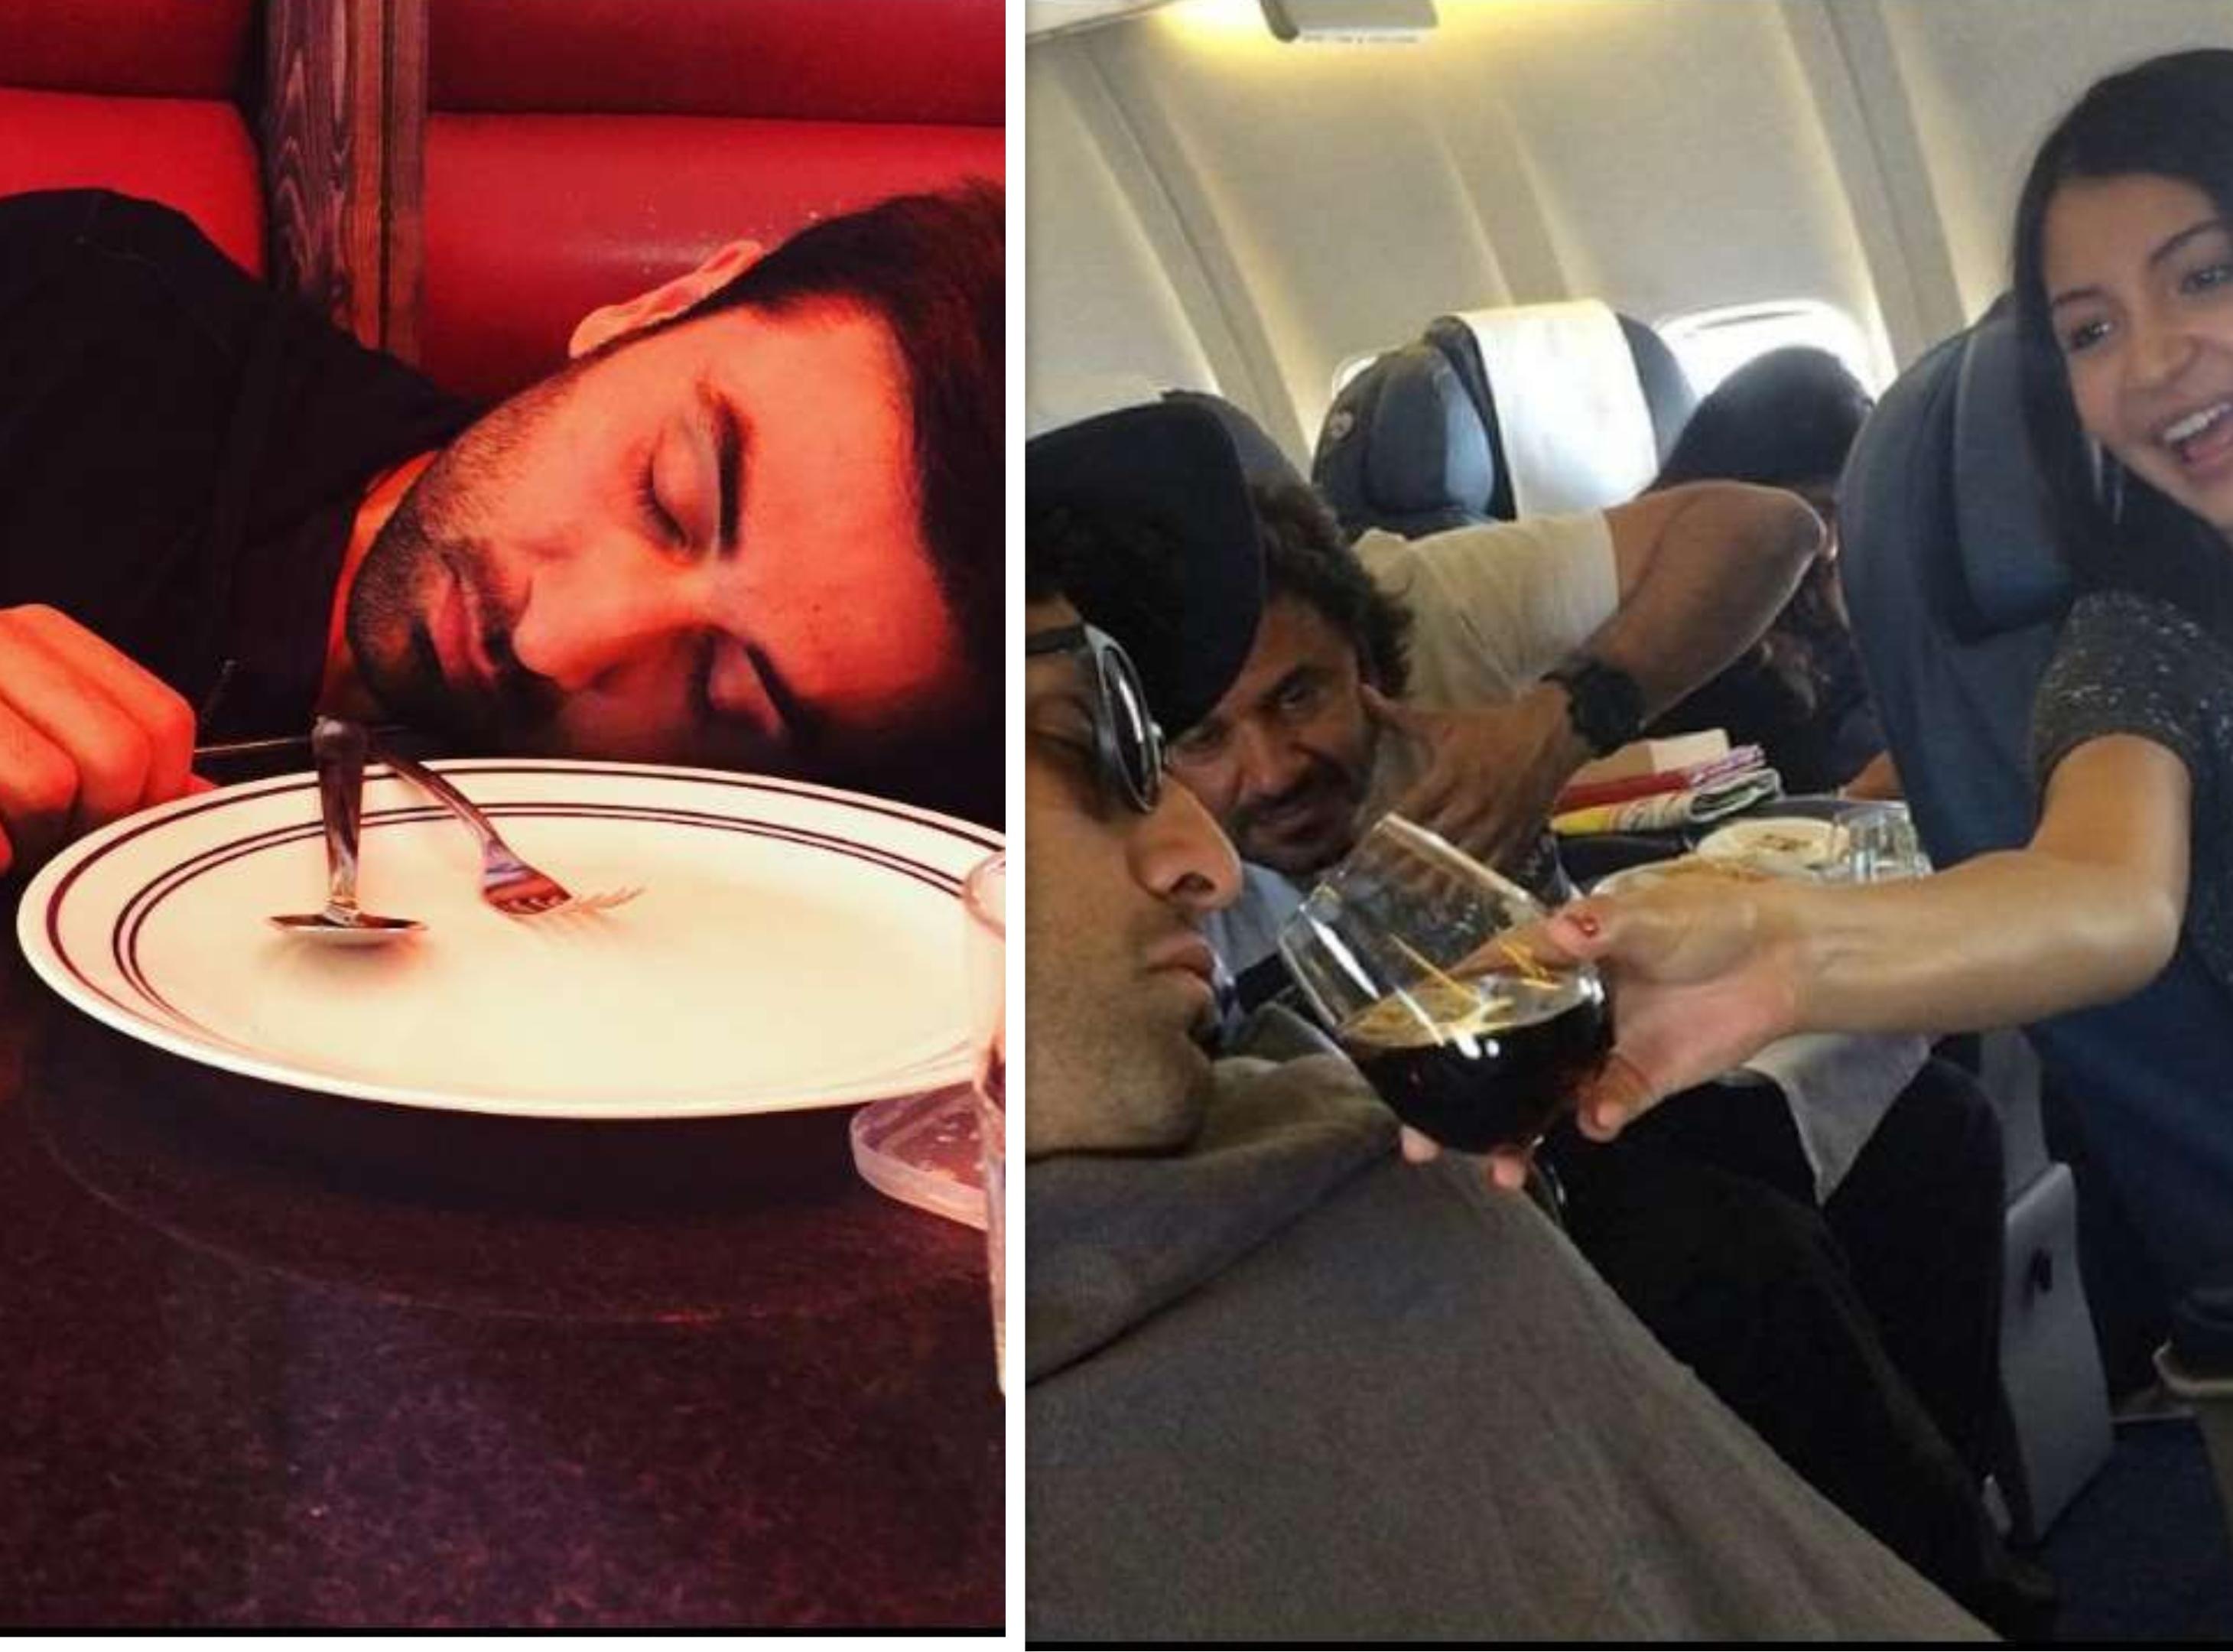 रणबीर सिंह की ये तस्वीरें सोशल मीडिया पर खूब लाइक की जा रही हैं। ये तस्वीरें अनुष्का ने फिल्म ऐ दिल है मुश्किल फिल्म की शूटिंग के दौरान ली थीं। एक तस्वीर में रणबीर फ्लाइट में और दूसरी में रेस्टोरेंट में सोते दिख रहे हैं।